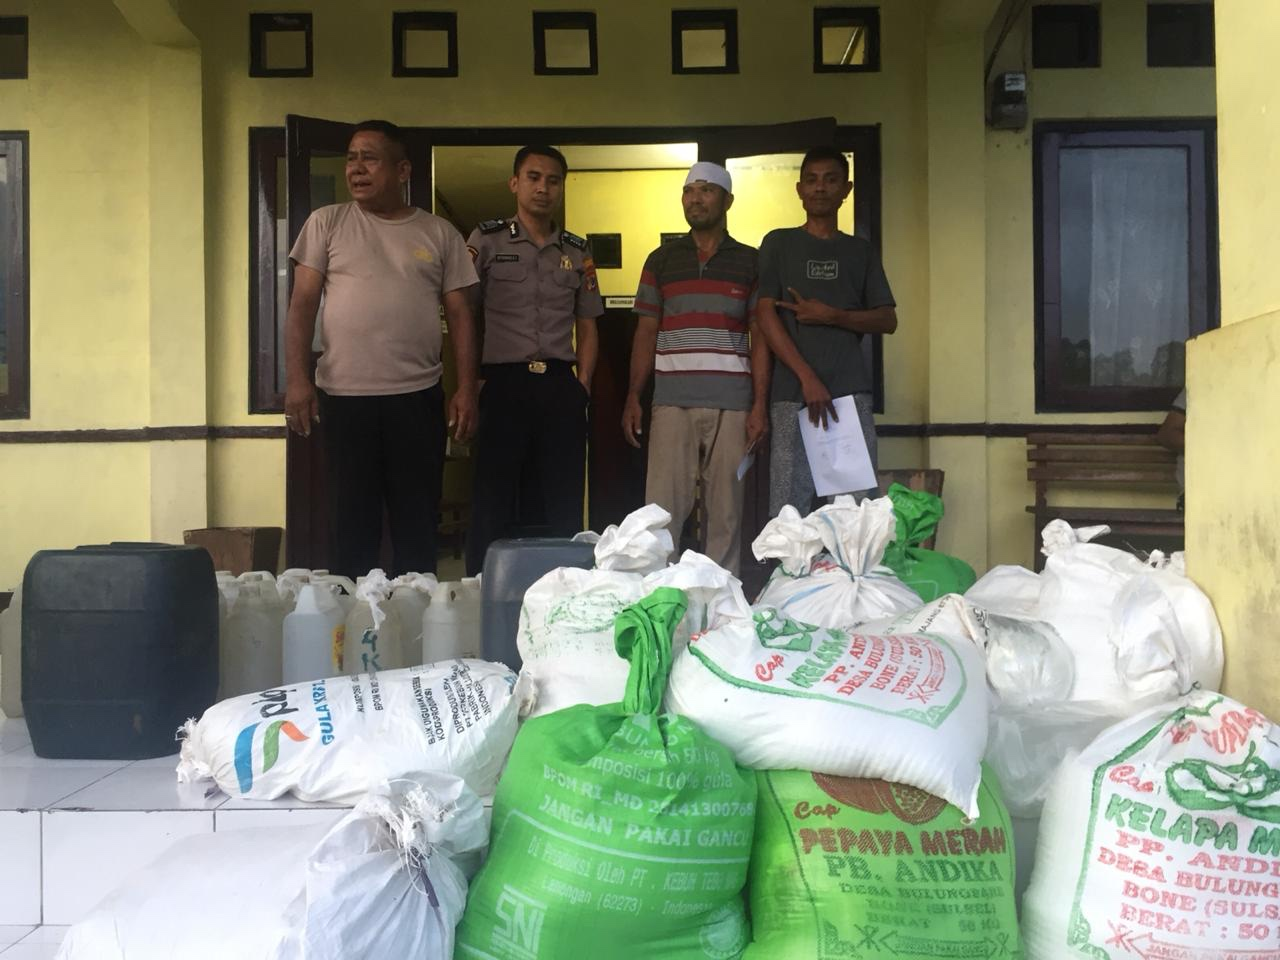 Ratusan Liter Miras Berhasil Diamankan Polsek Umbu Ratu Nggay Wilayah Hukum Polres Sumba Barat